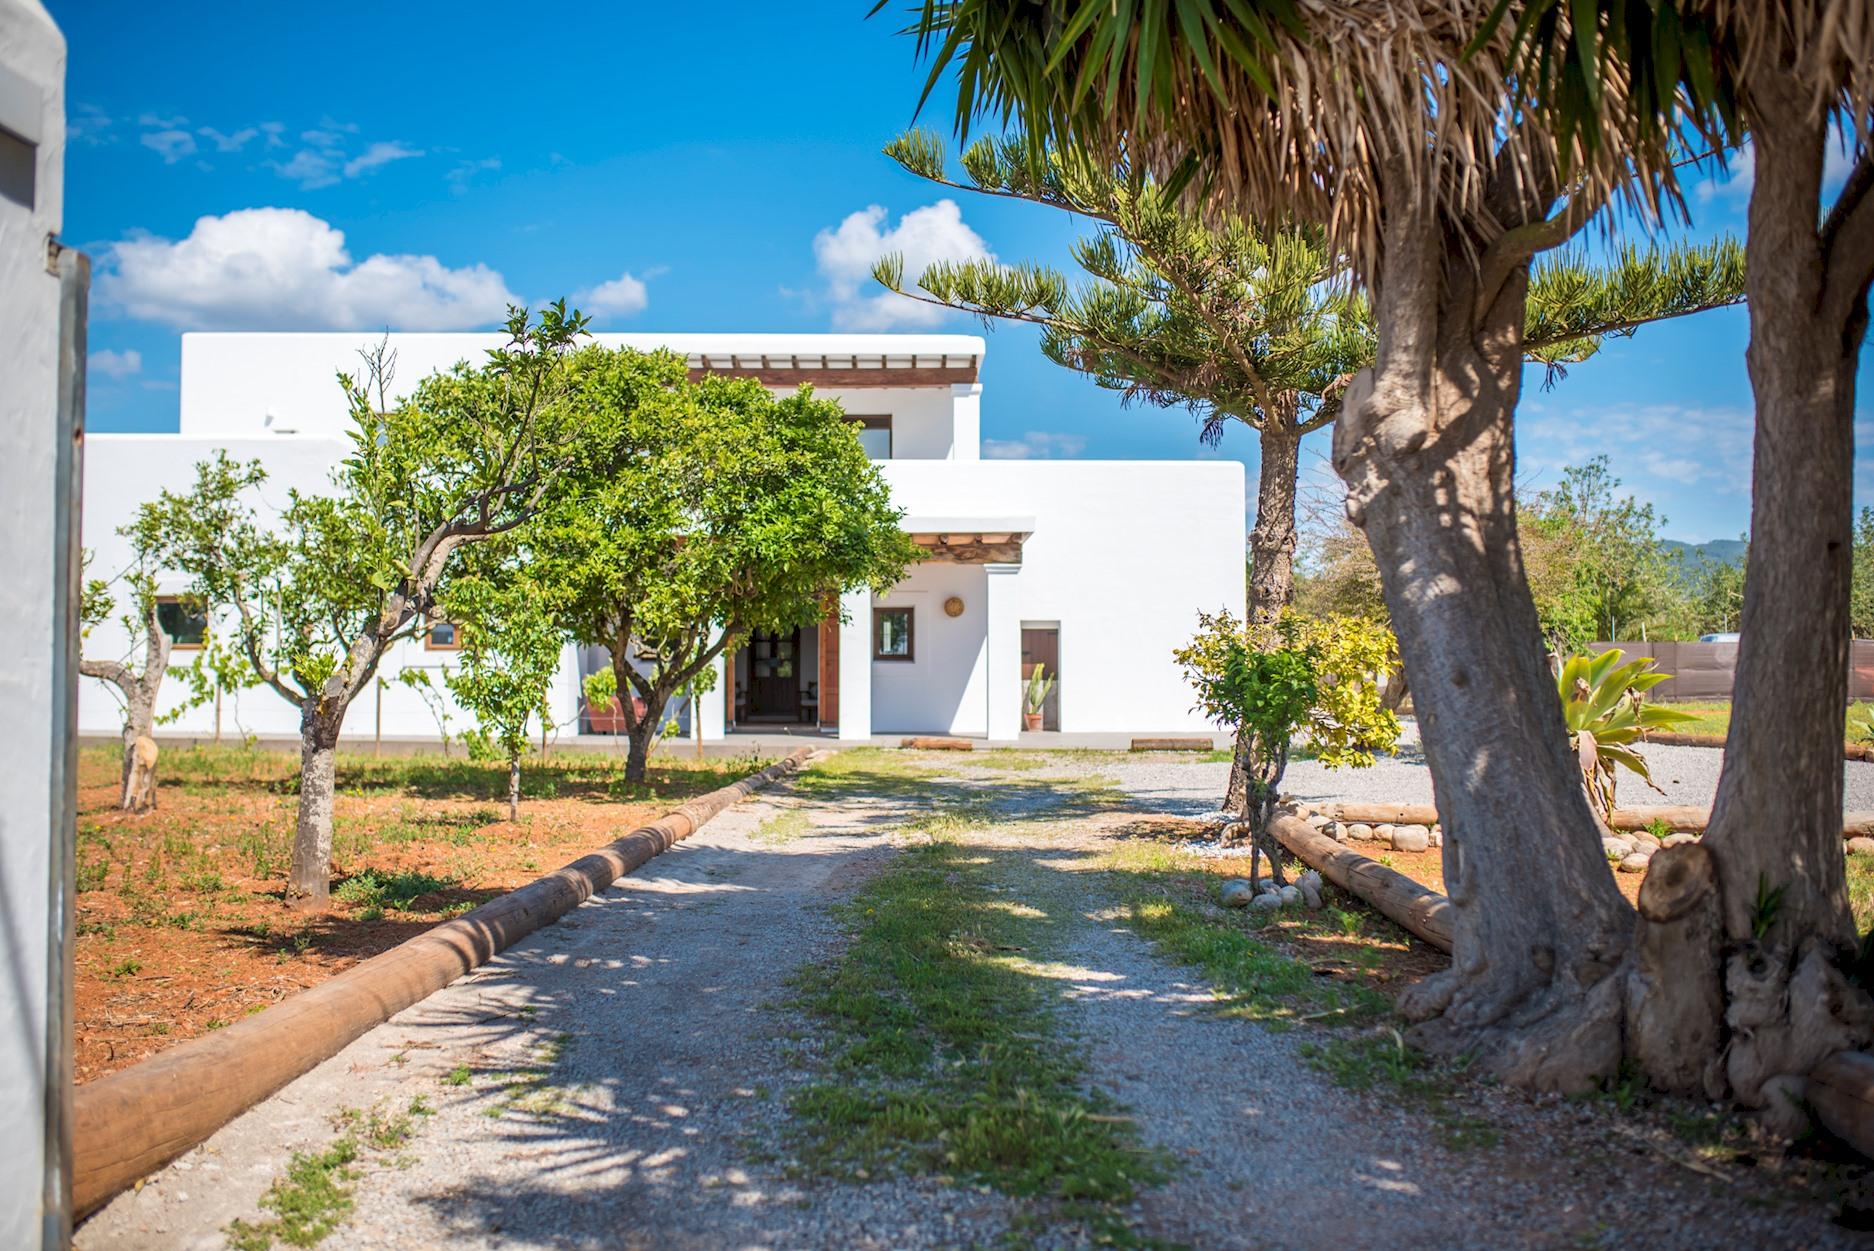 Apartment Villa a 5km de playa Salinas  con piscina  Wi-Fi y jardin photo 18547232